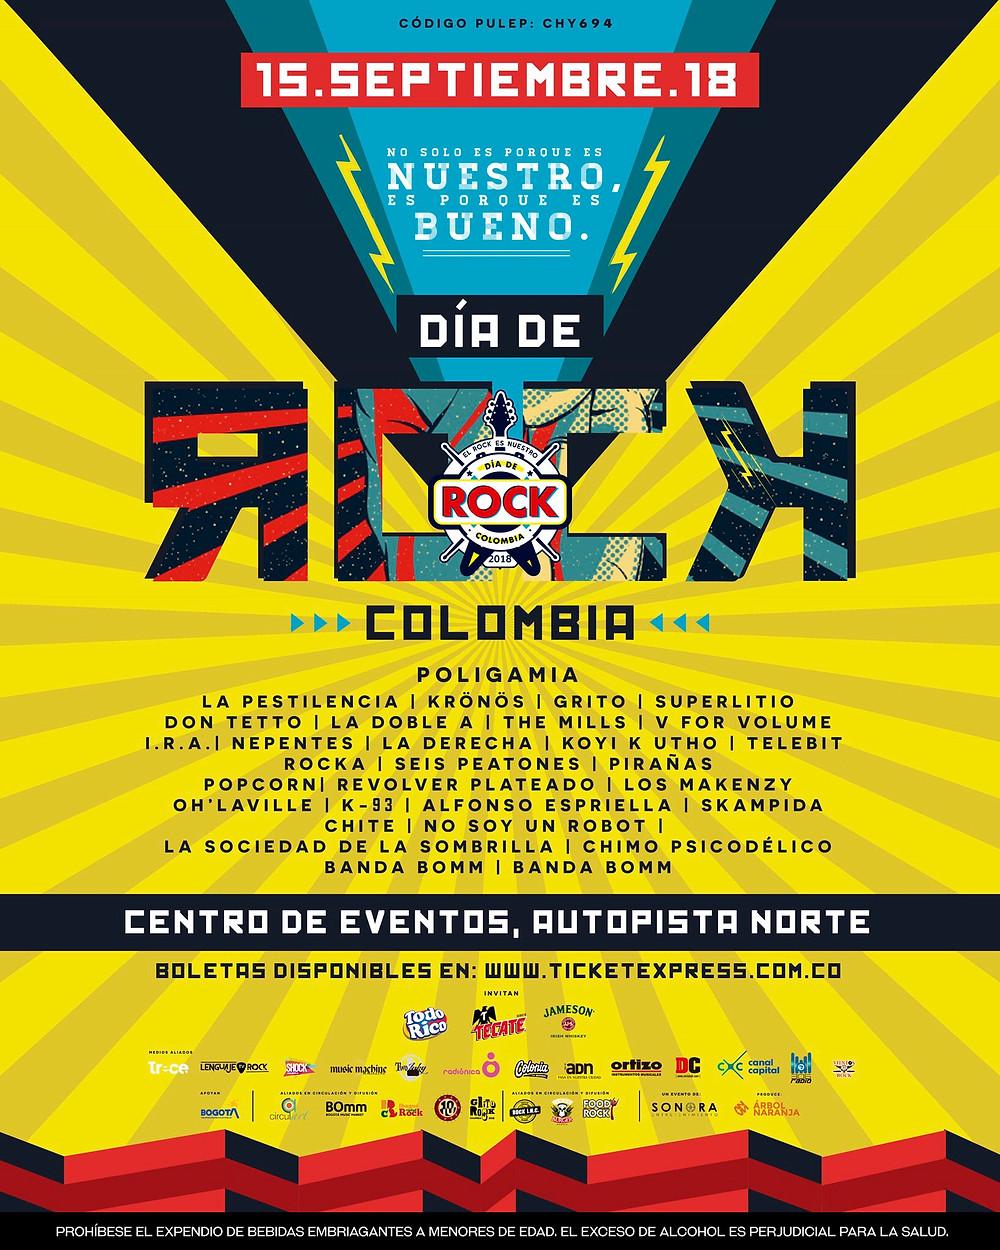 Día de Rock Colombia 2018